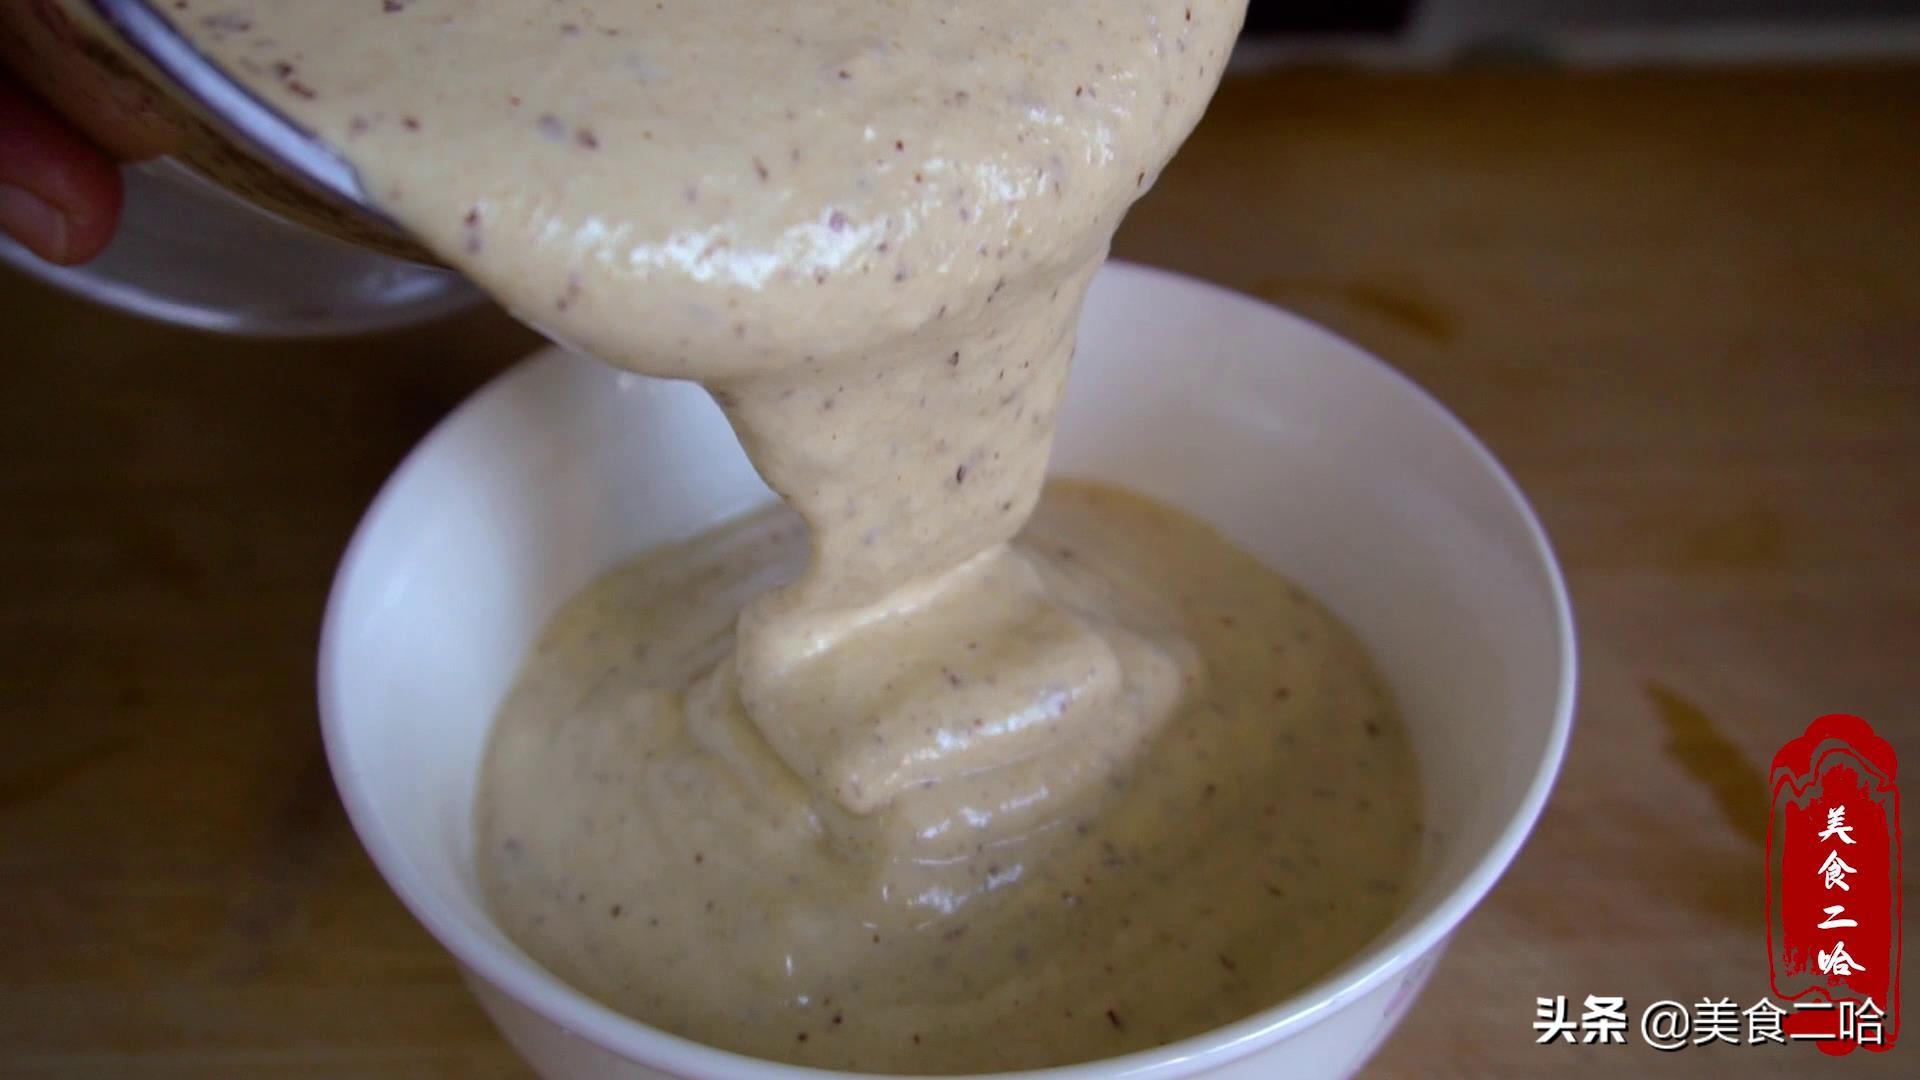 蒸发糕时,记住别用面粉酵母粉,教你快速做法,松软不粘牙